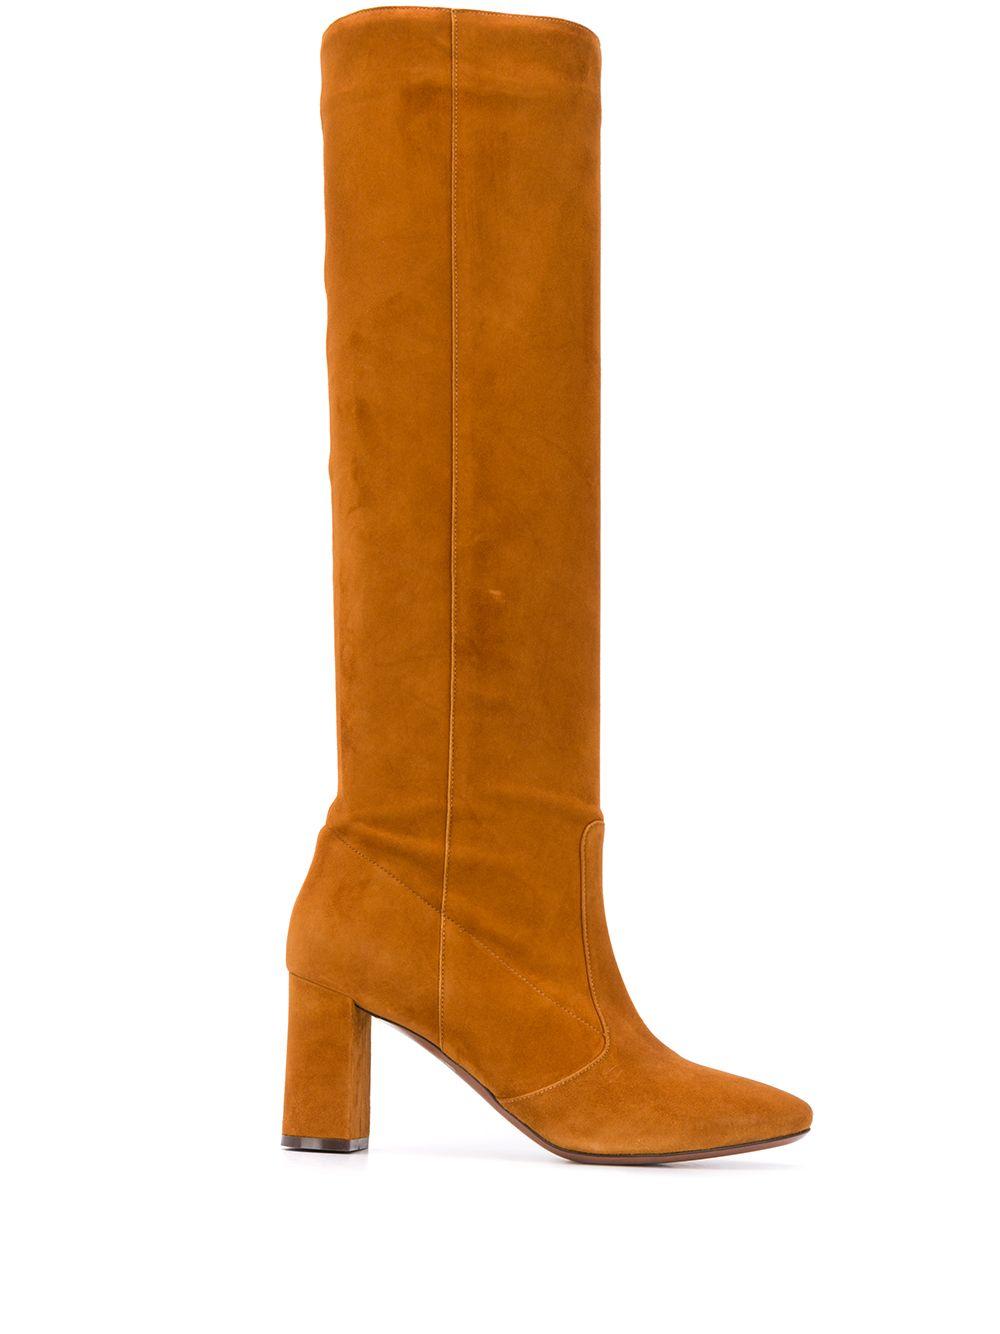 stivali con tacco alto al ginocchio in camoscio marrone chiaro L'AUTRE CHOSE | Stivali | LDL078.75WP05402090